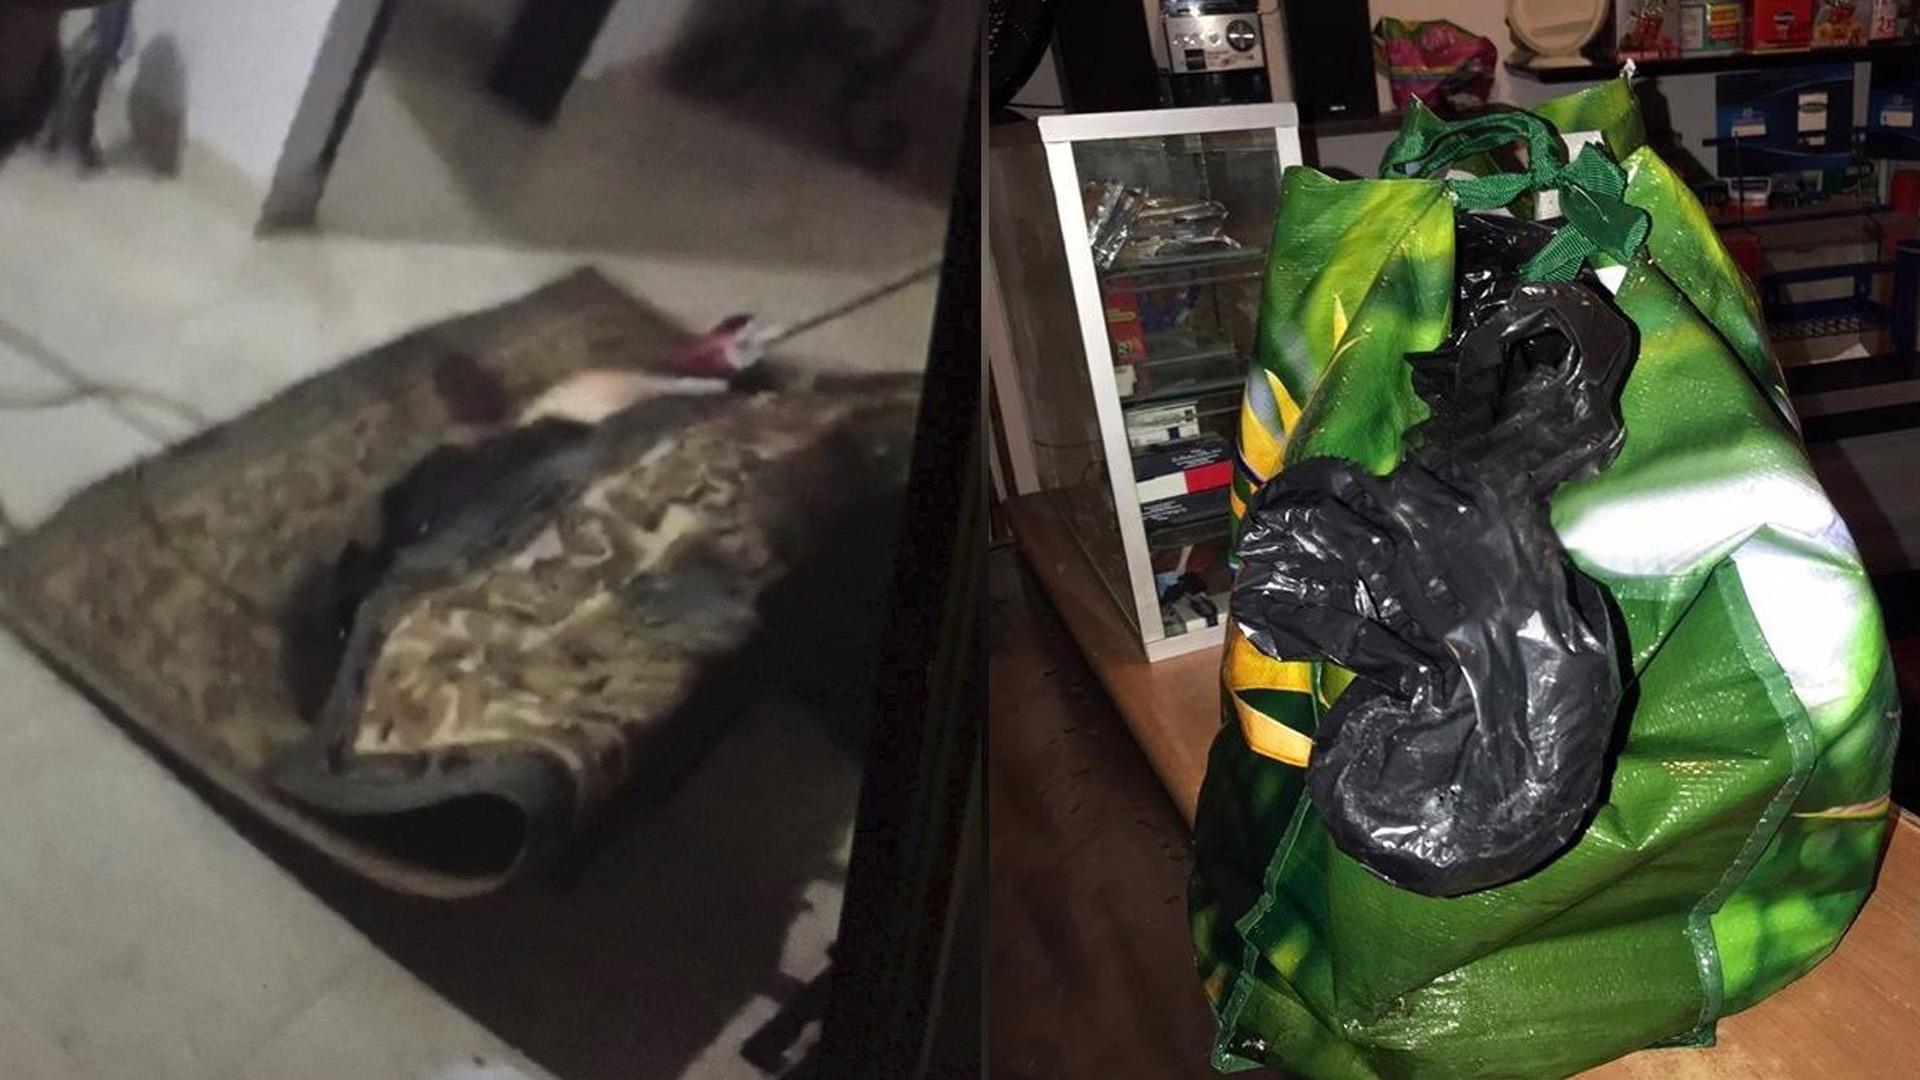 Envuelto en una alfombra fue encontrado el torso de Aracelis Amador de García. Extremidades de la mujer dentro de la bolsa.